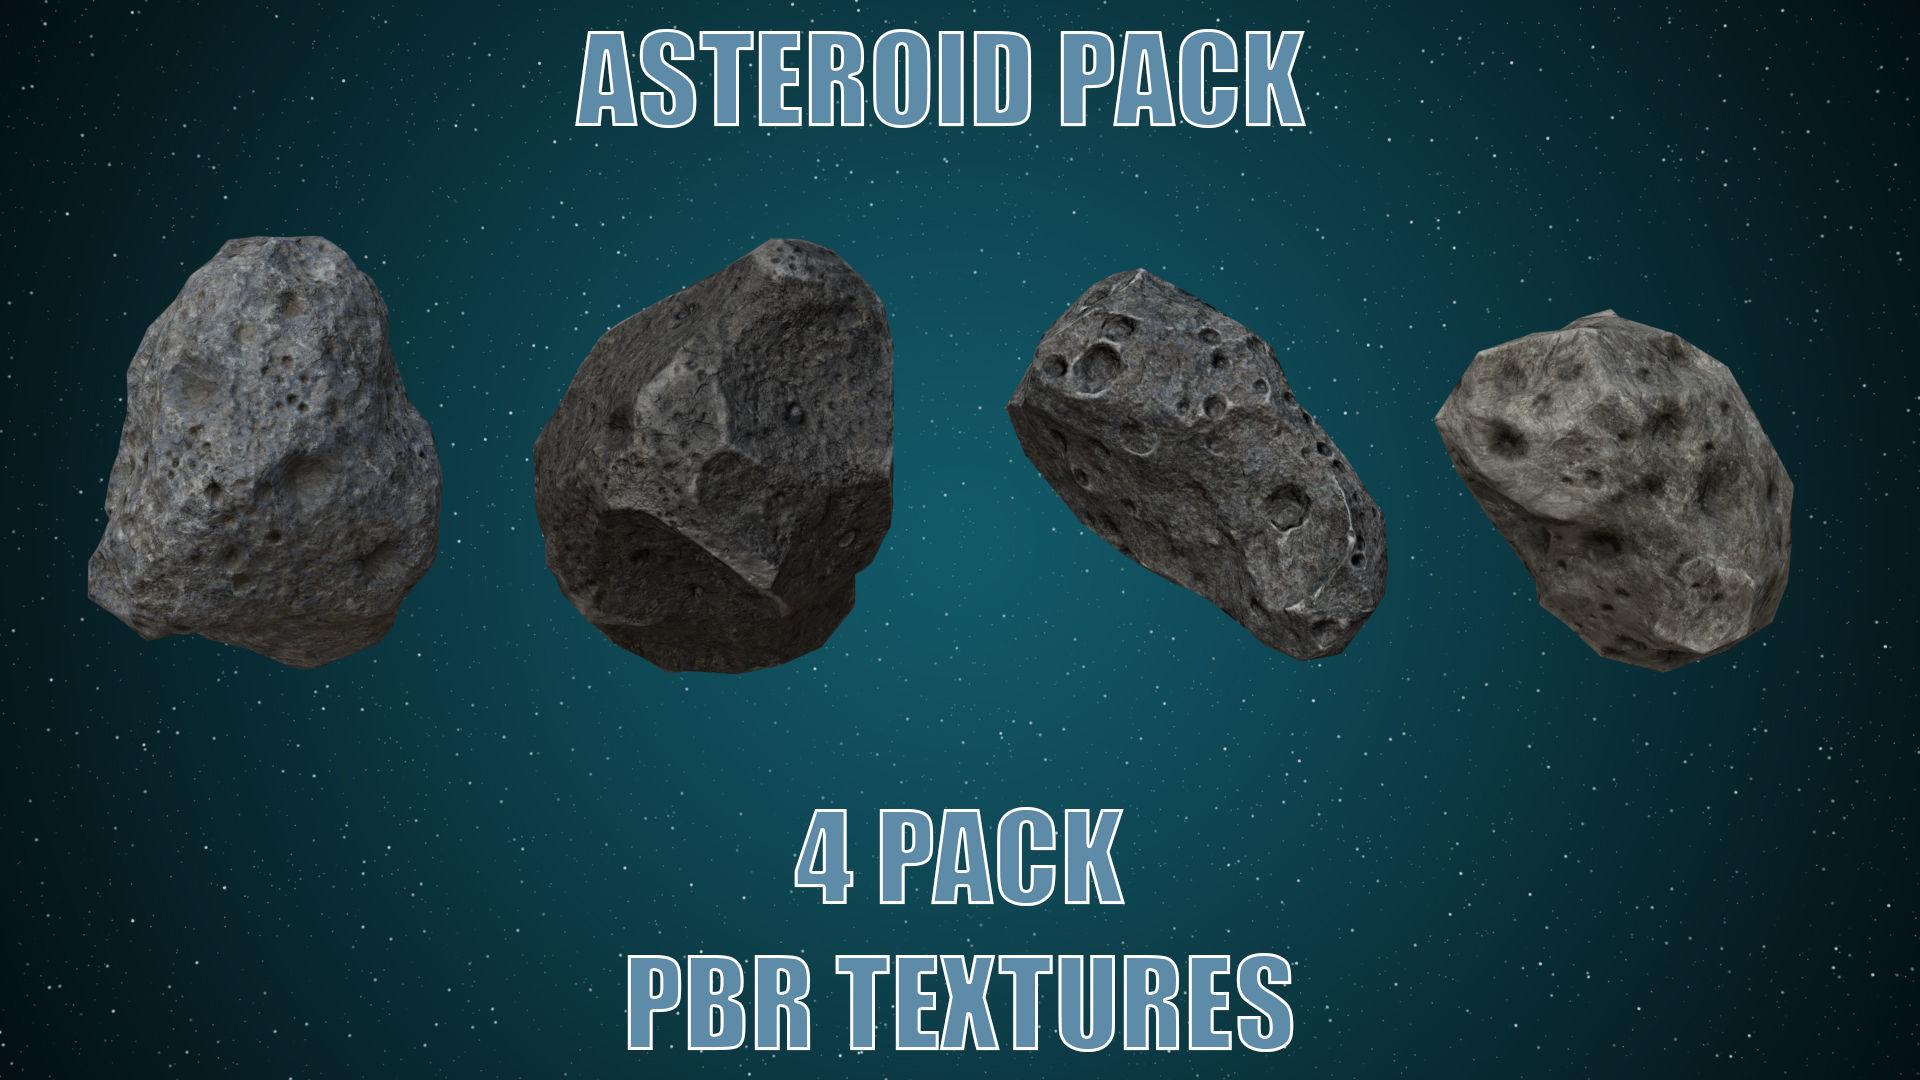 Asteroids- Meteorite 4 pack